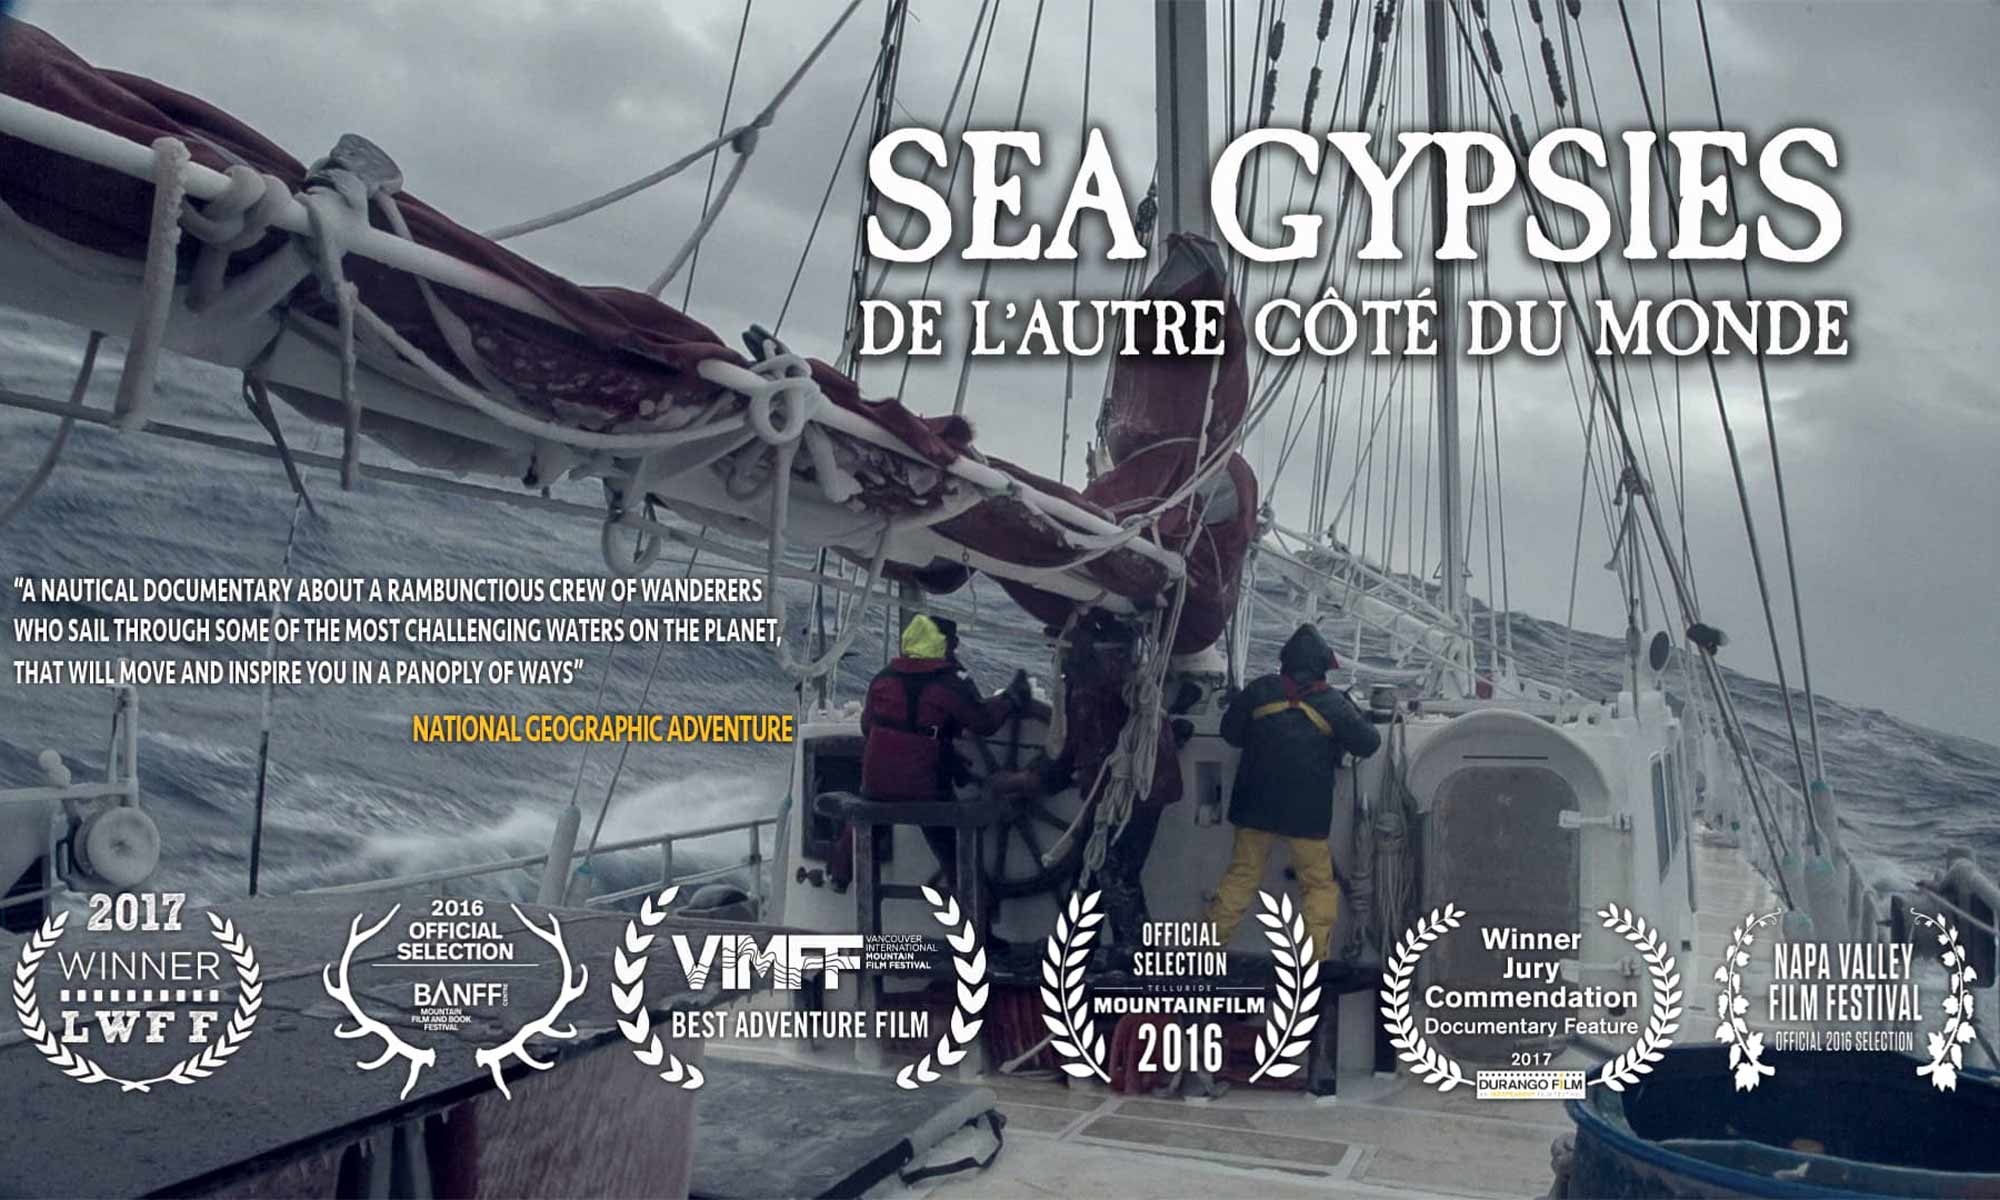 Sea Gypsies : de l'autre côté du monde